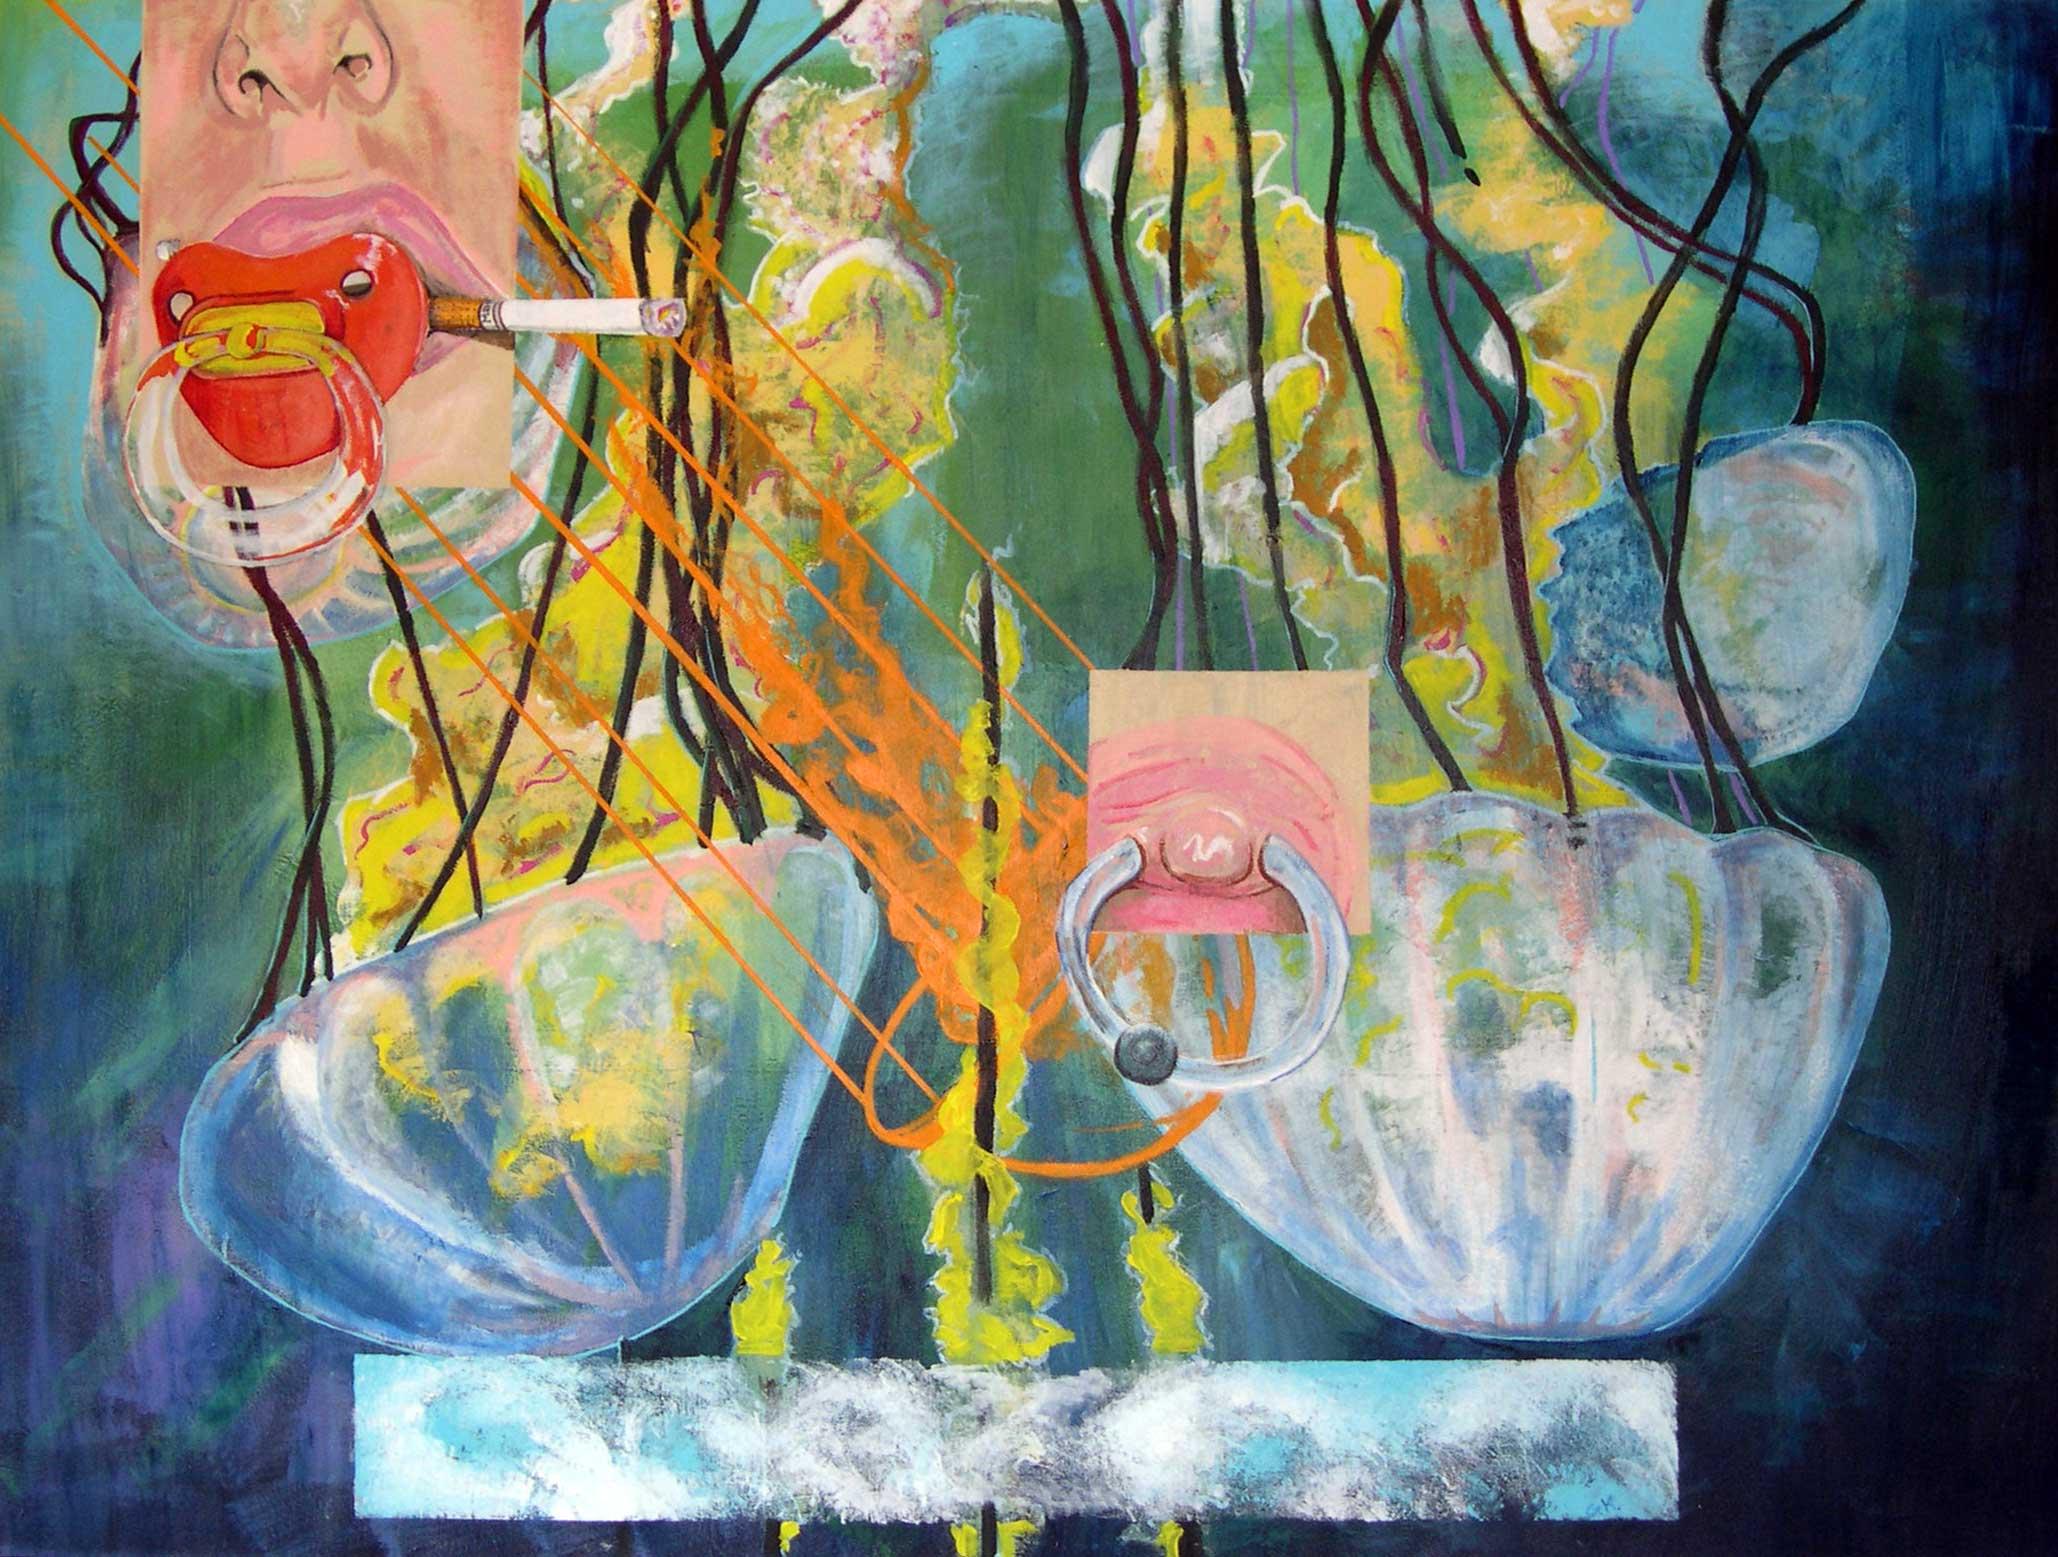 Jellyfish BD, 72''x54'', Acrylic, 2004